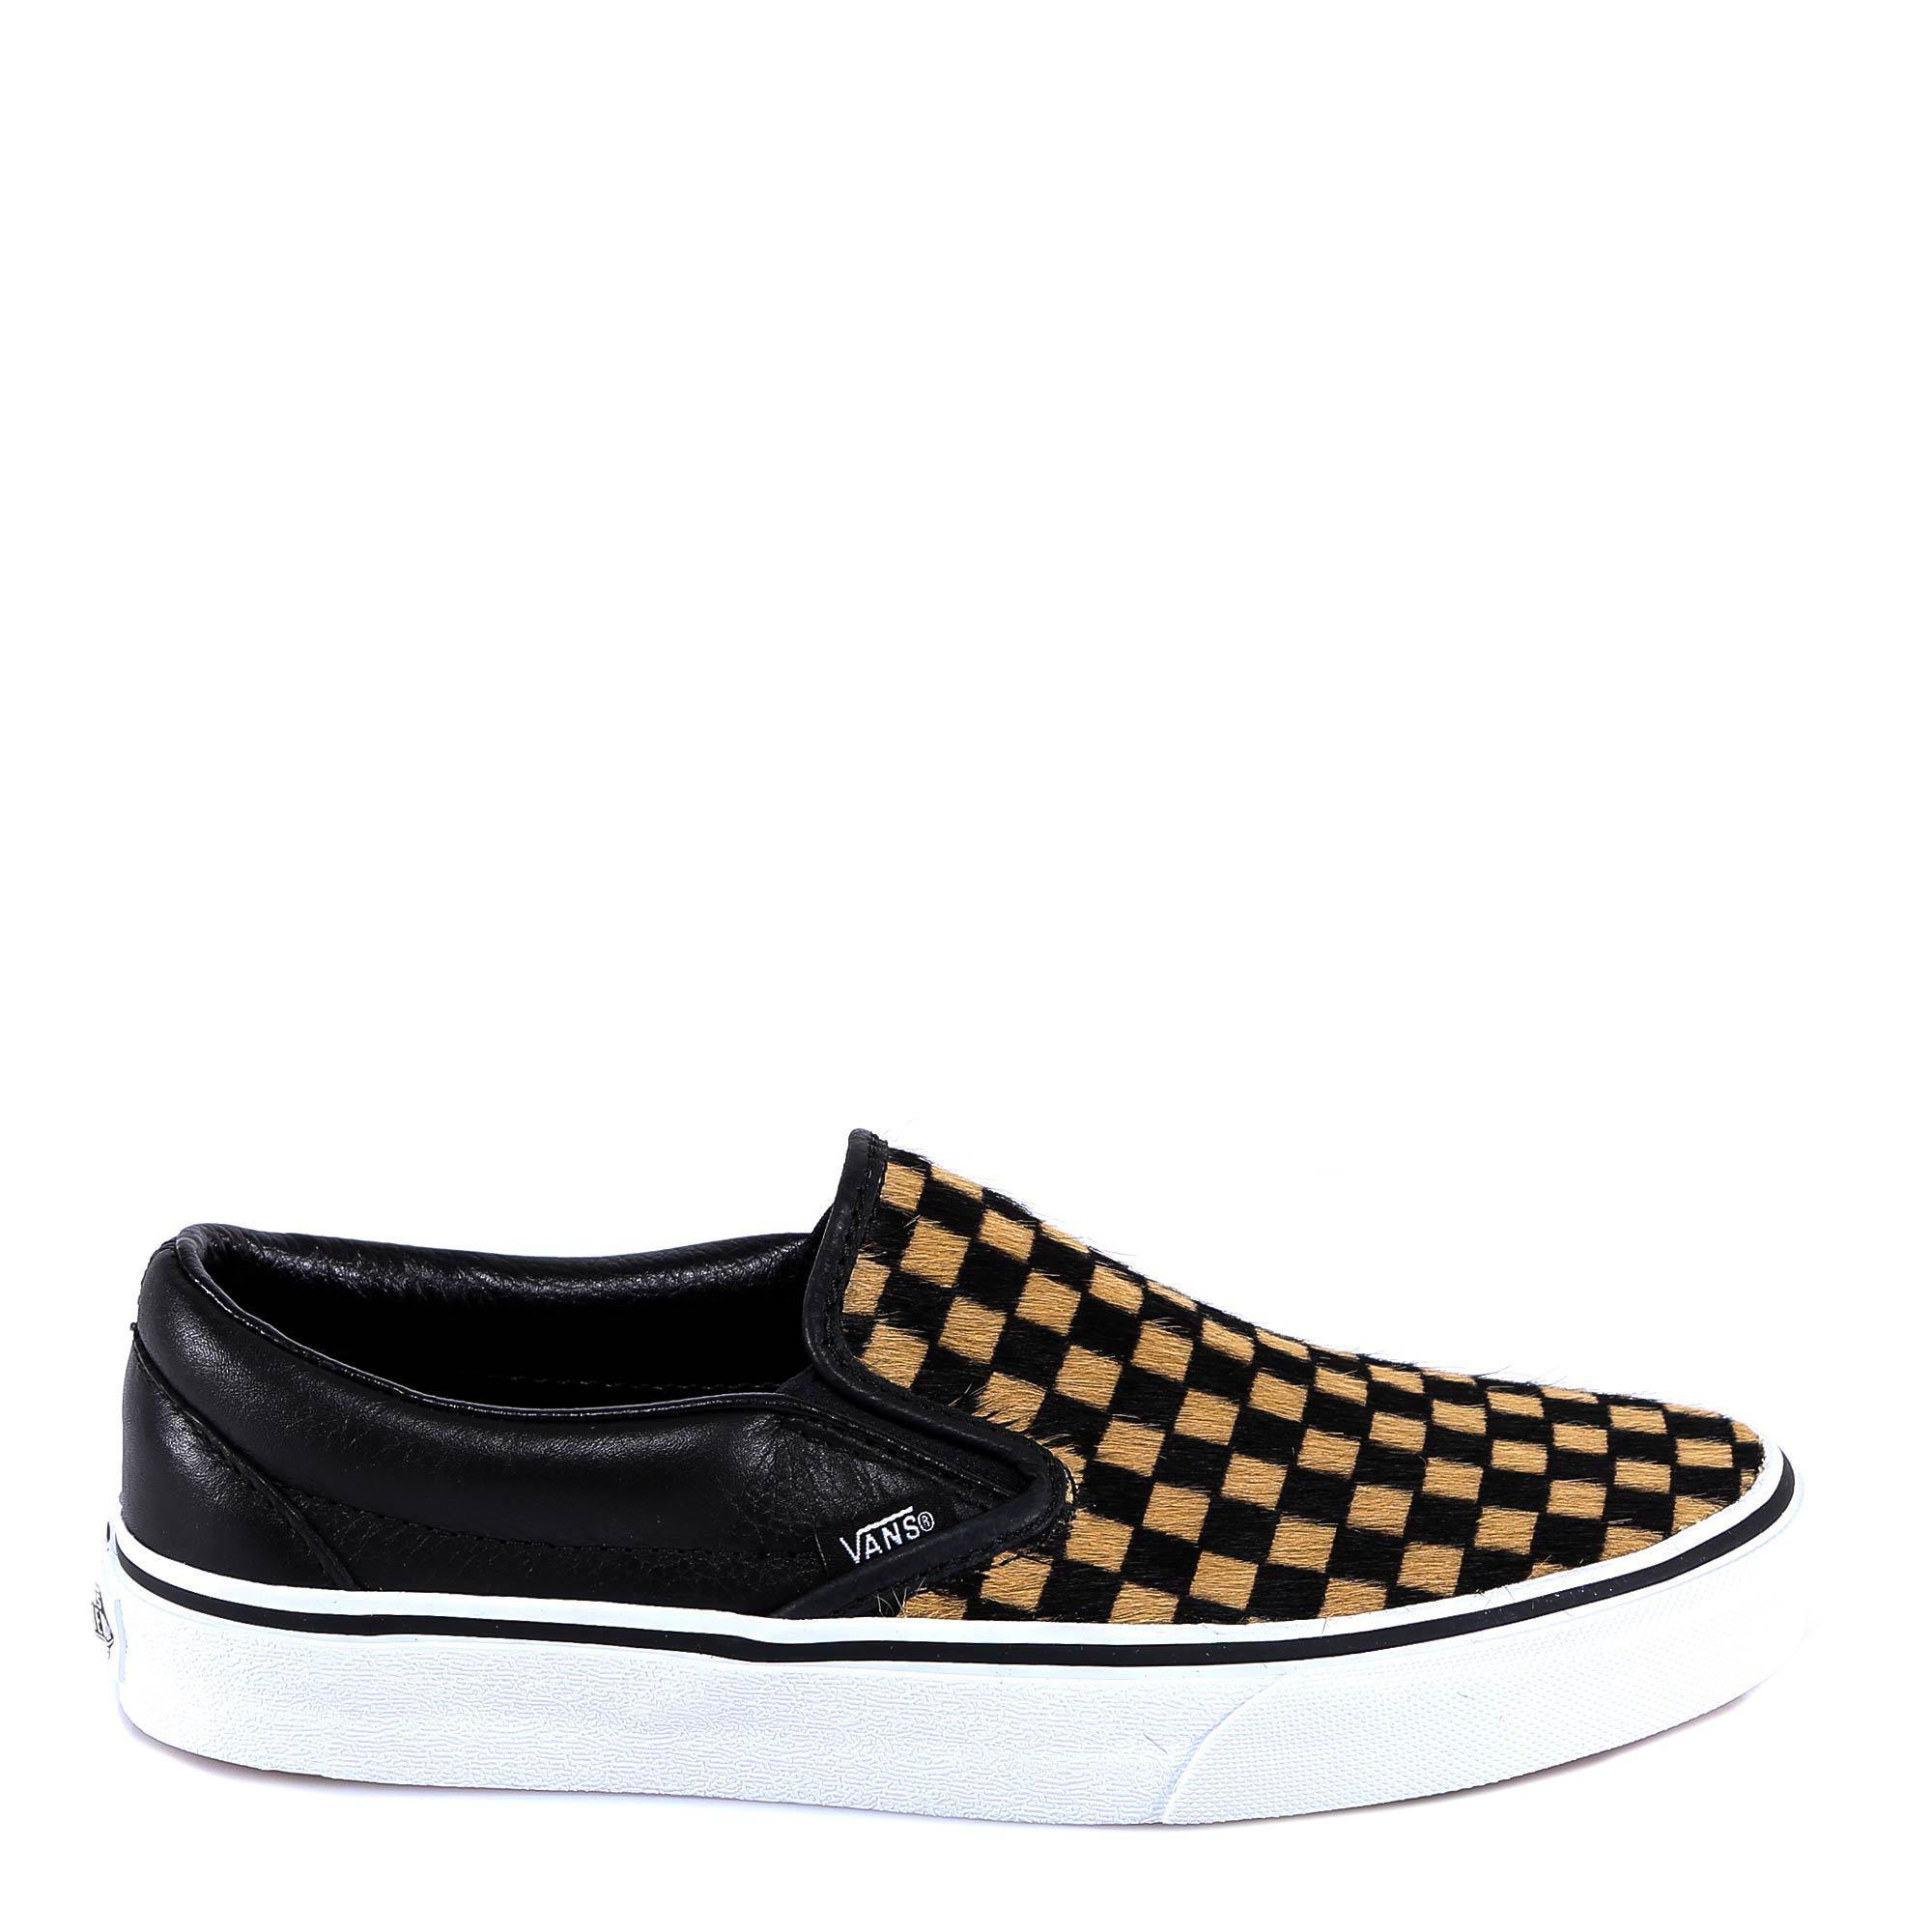 38575903150fba Lyst - Vans Checkerboard Low-top Fur Sneakers in Black - Save 49%